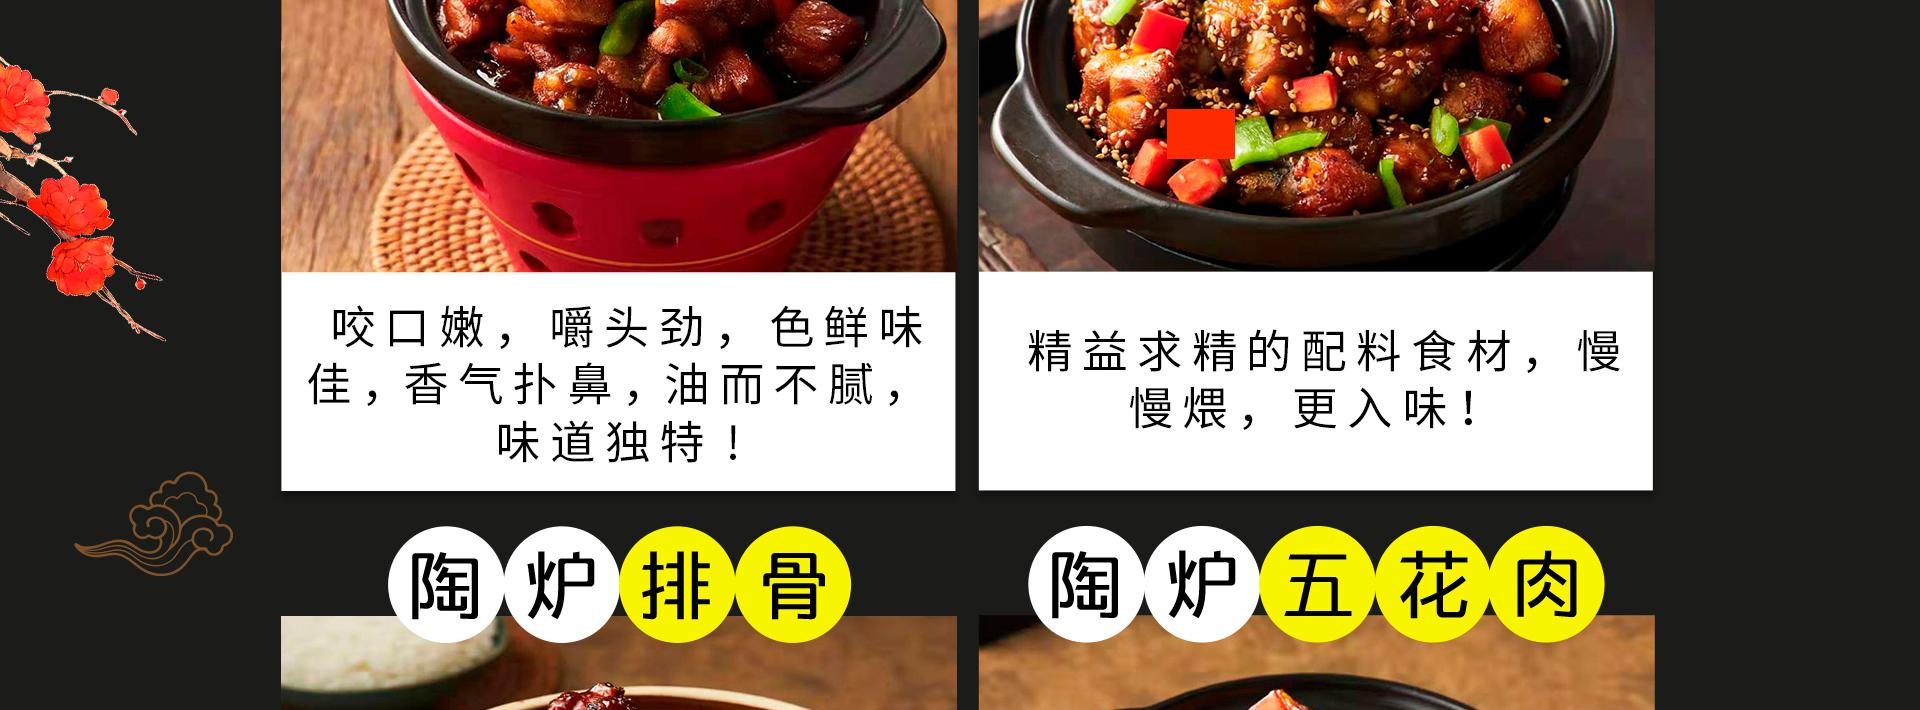 陶炉鸡快餐PC_16